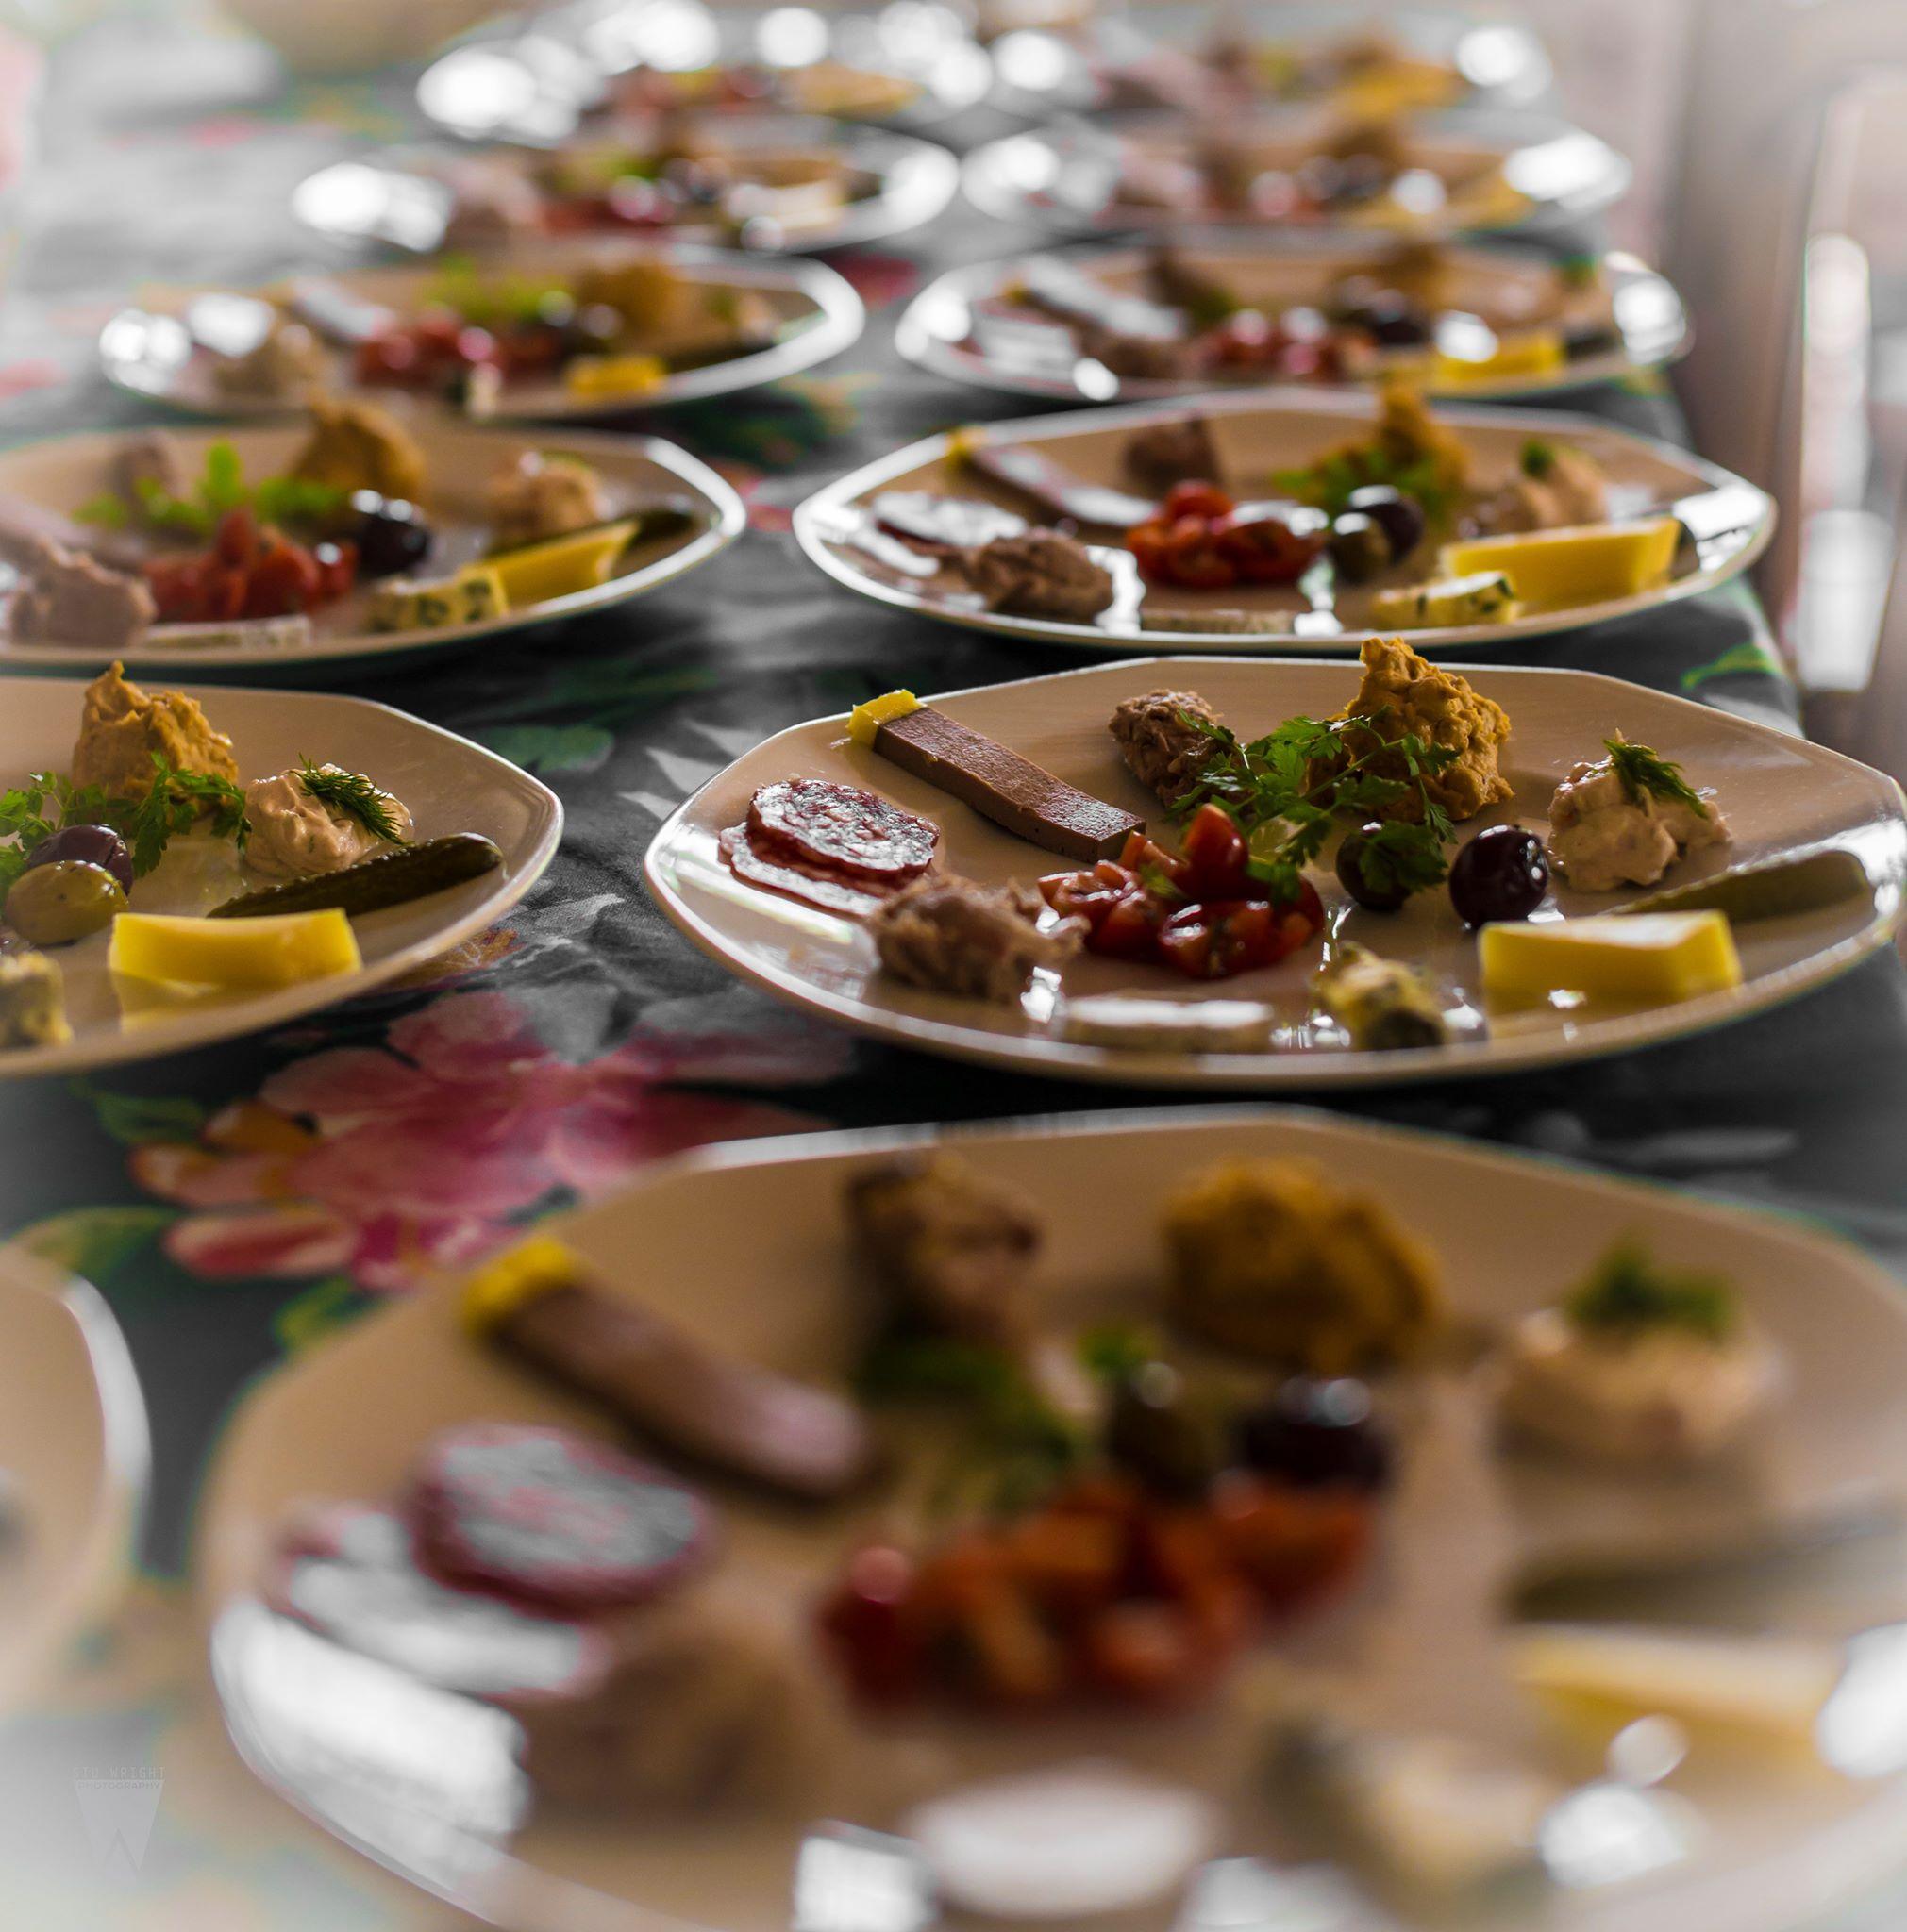 Food tasting plates